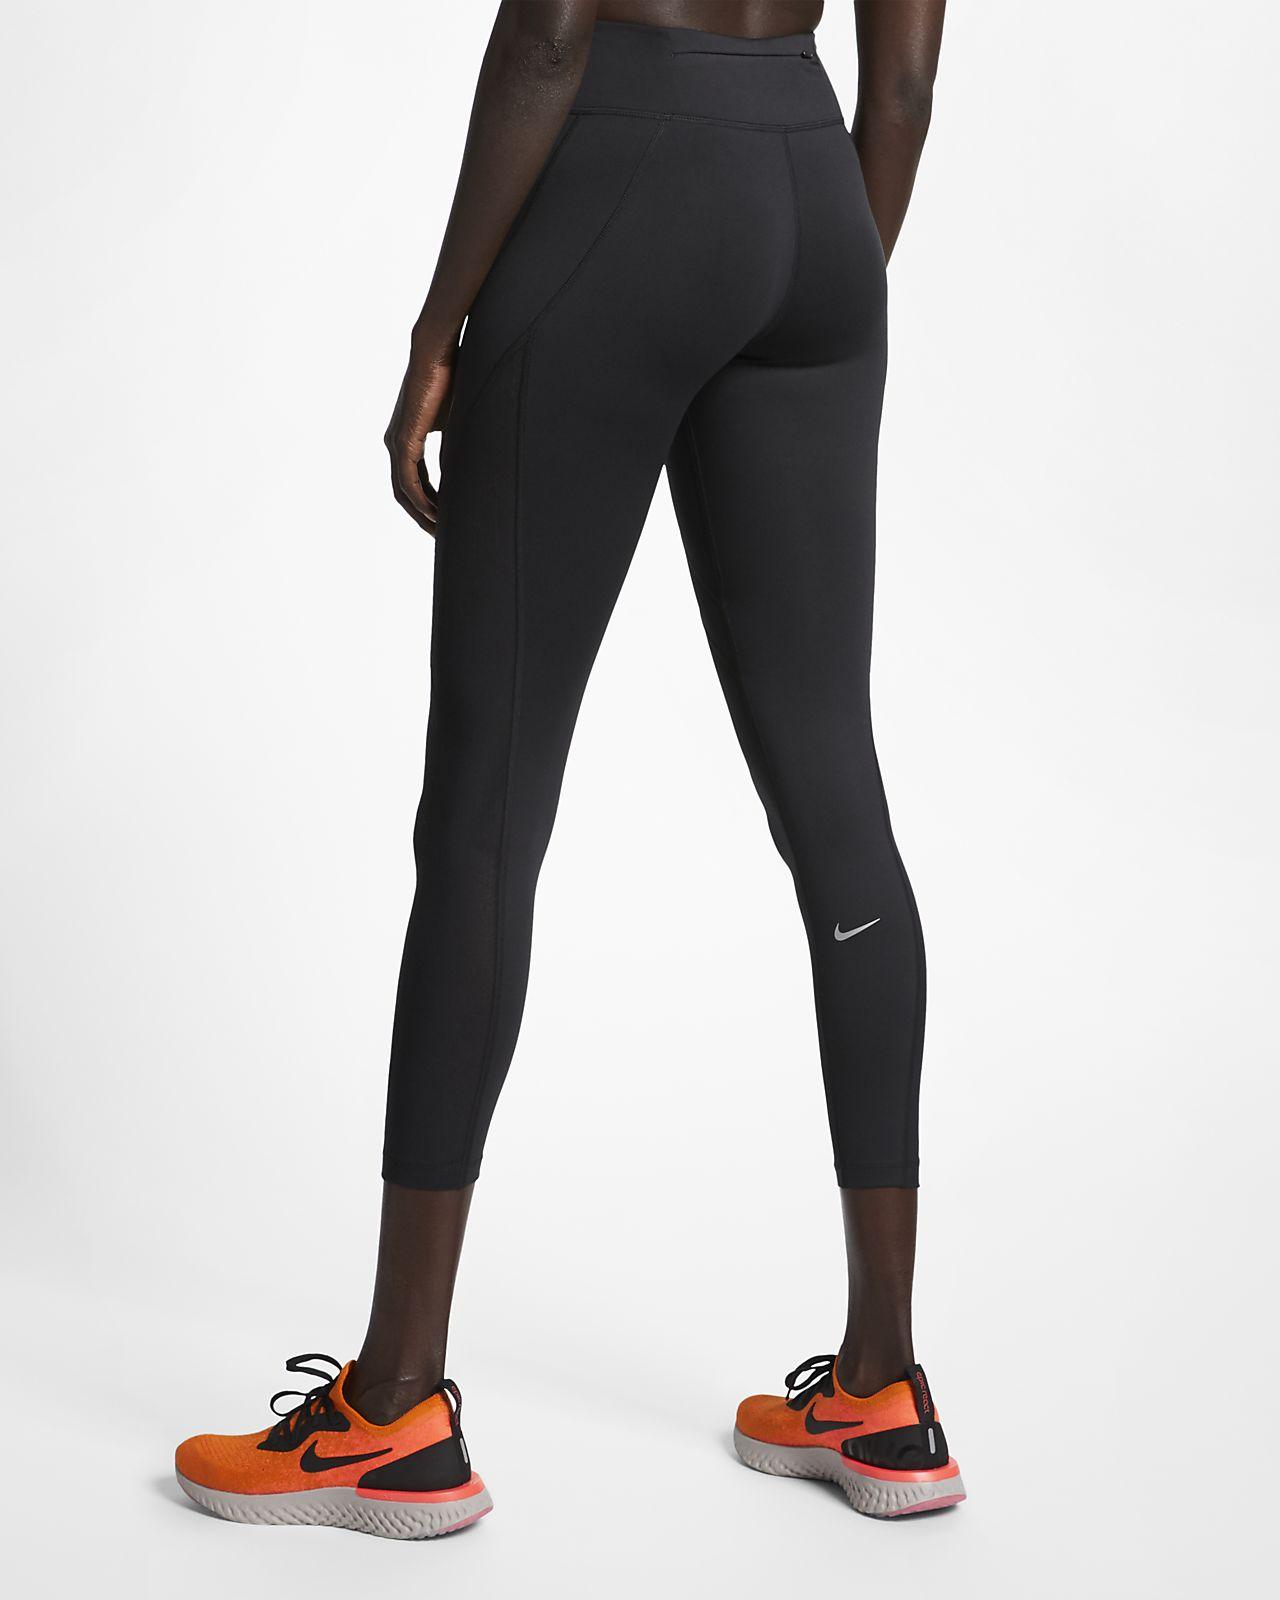 3084628d936 Nike Epic Lux-7/8-løbetights til kvinder. Nike.com DK